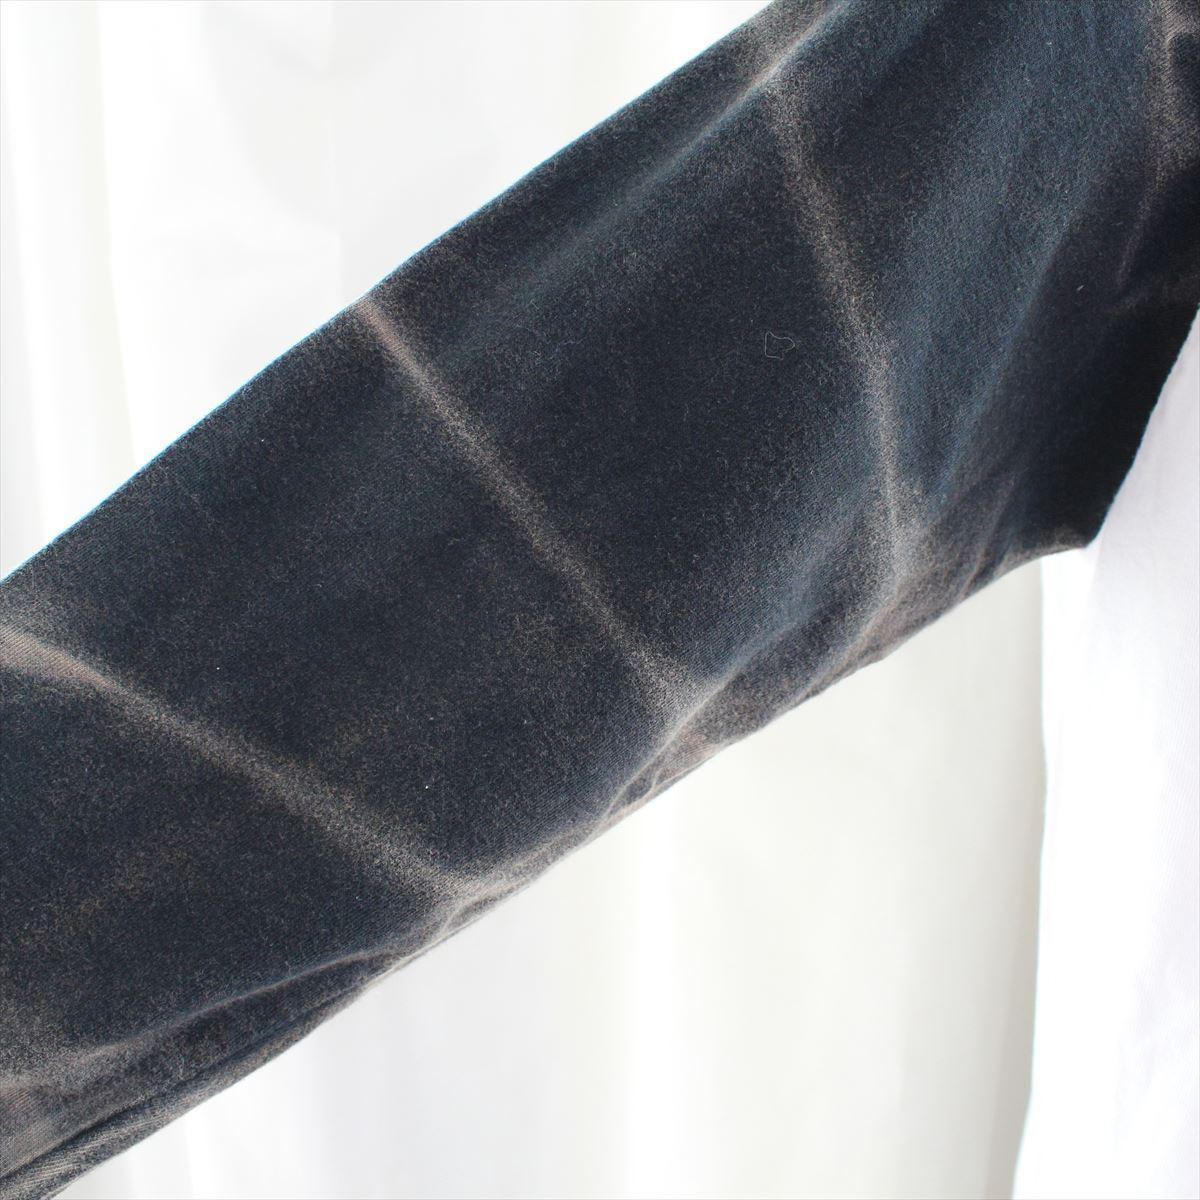 サディスティックアクション SADISTIC ACTION メンズ長袖Tシャツ Lサイズ NO32 新品_画像8